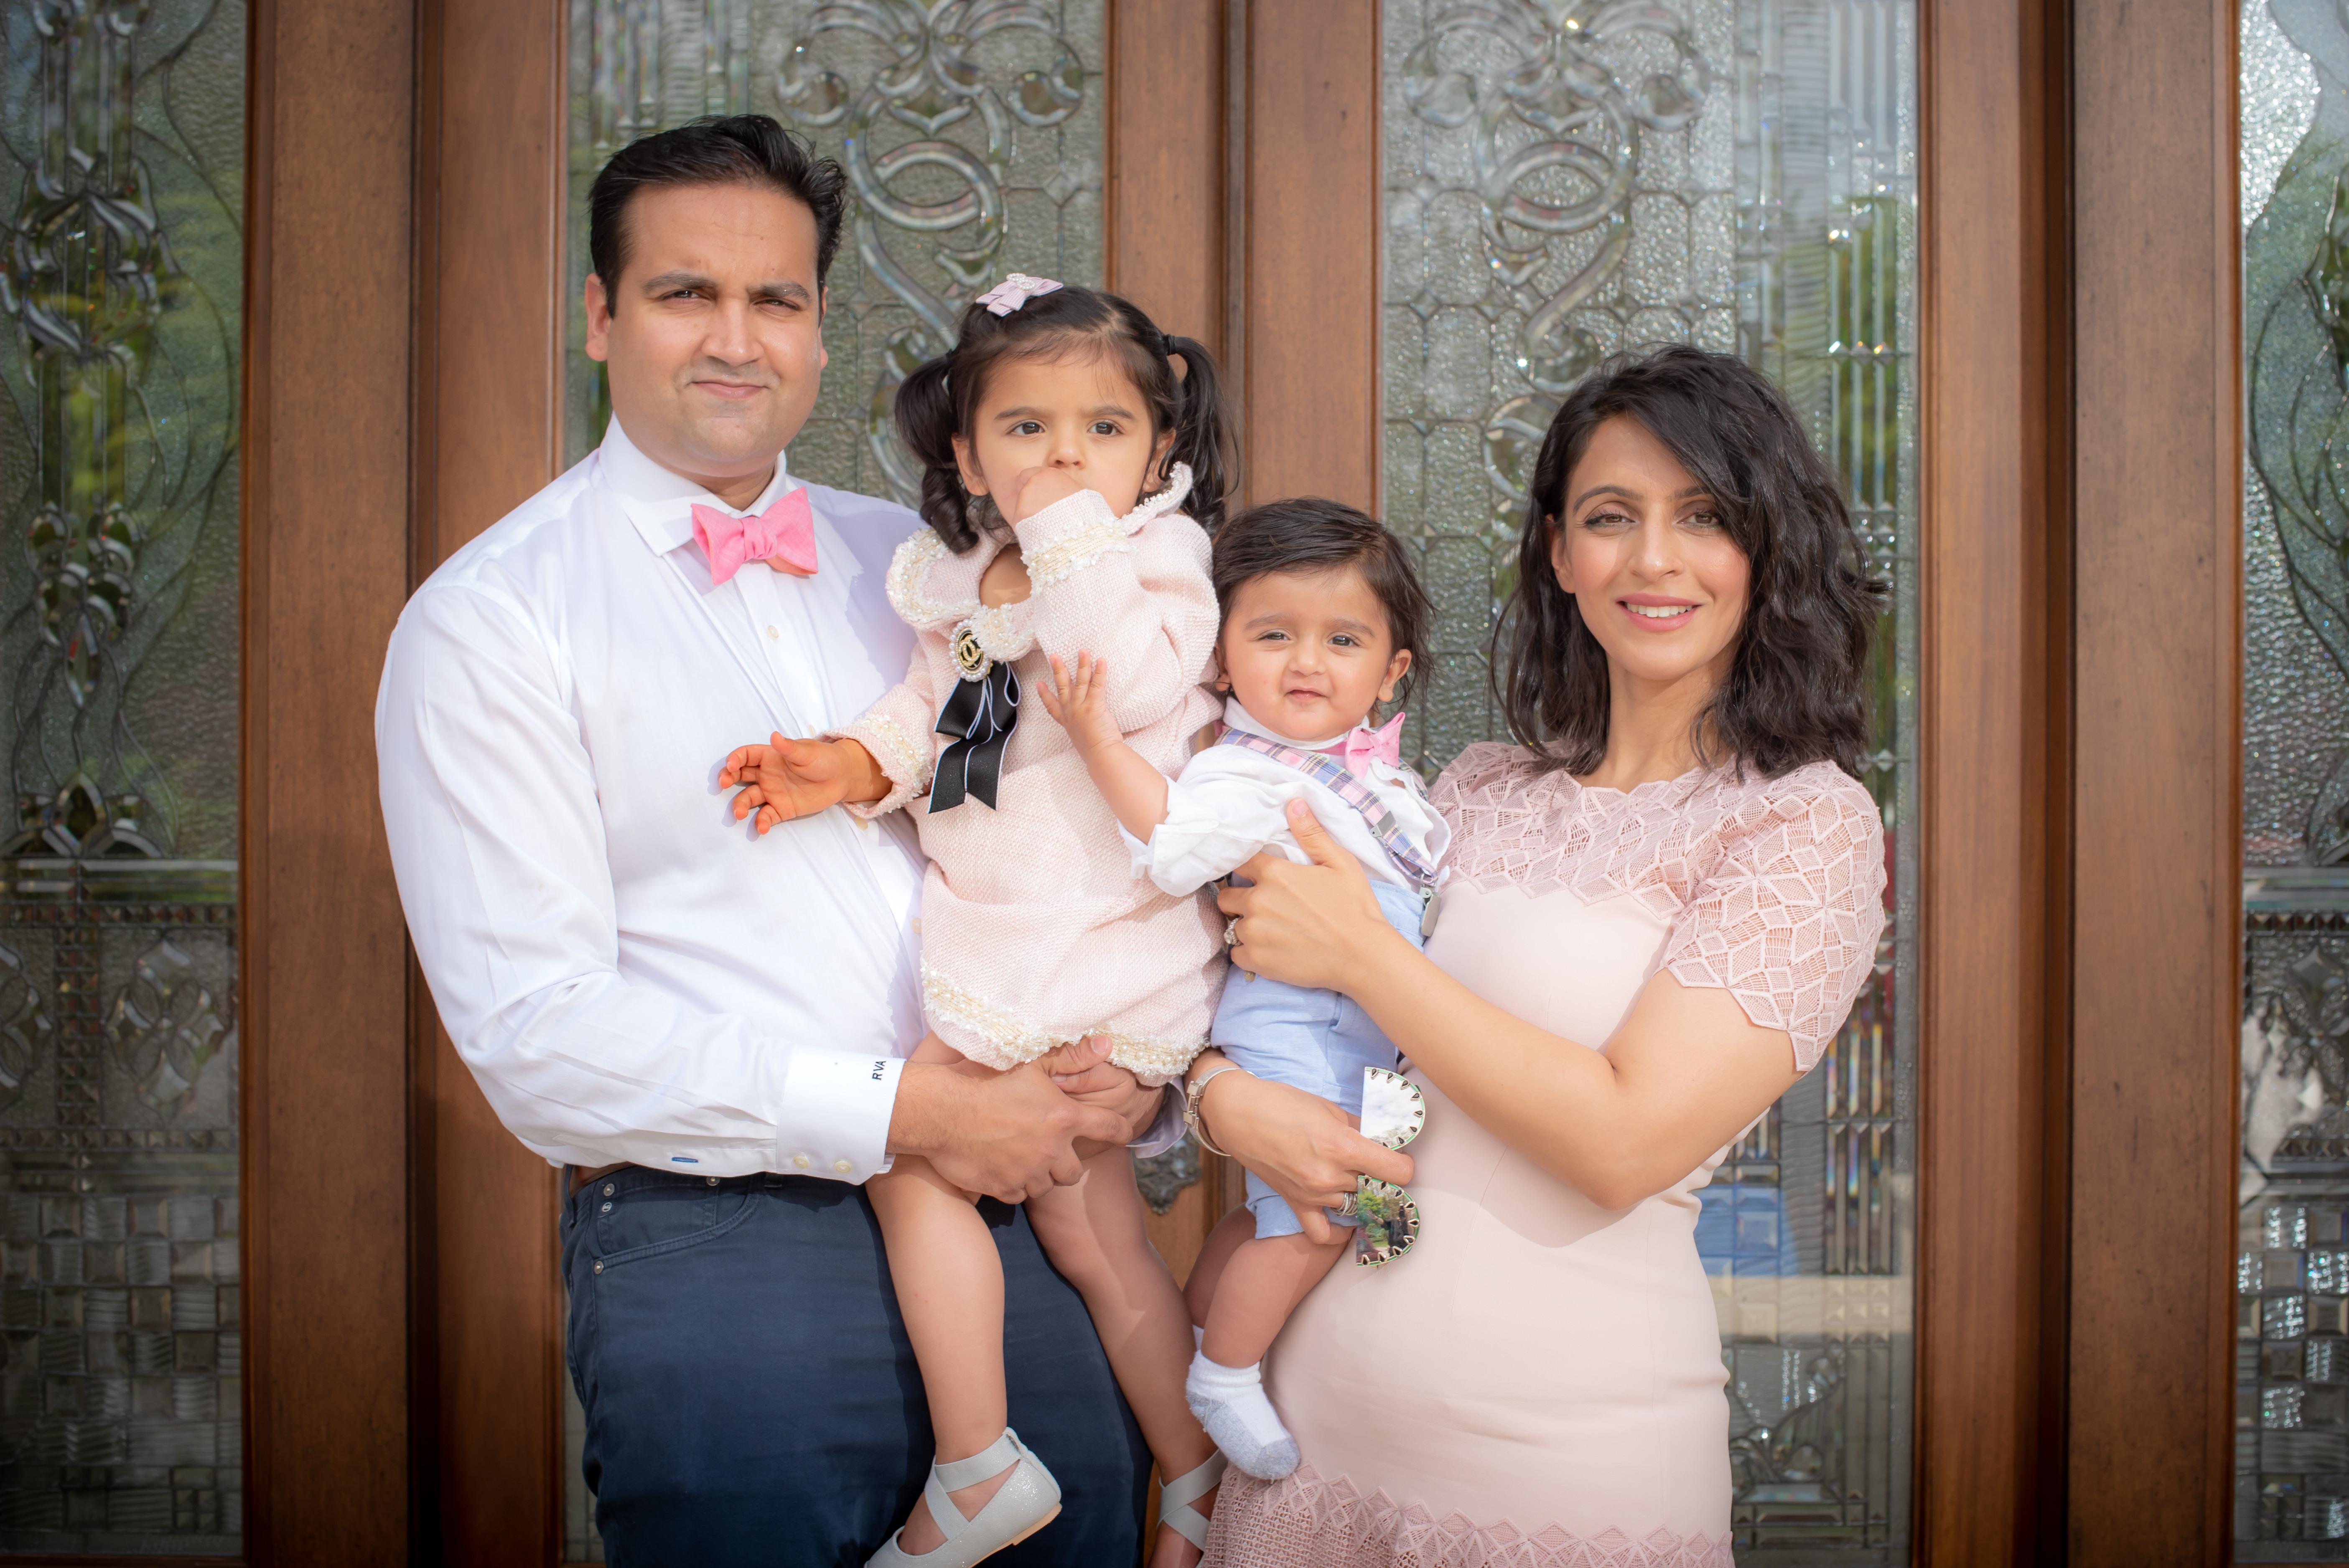 Shveta and Rahul Alreja